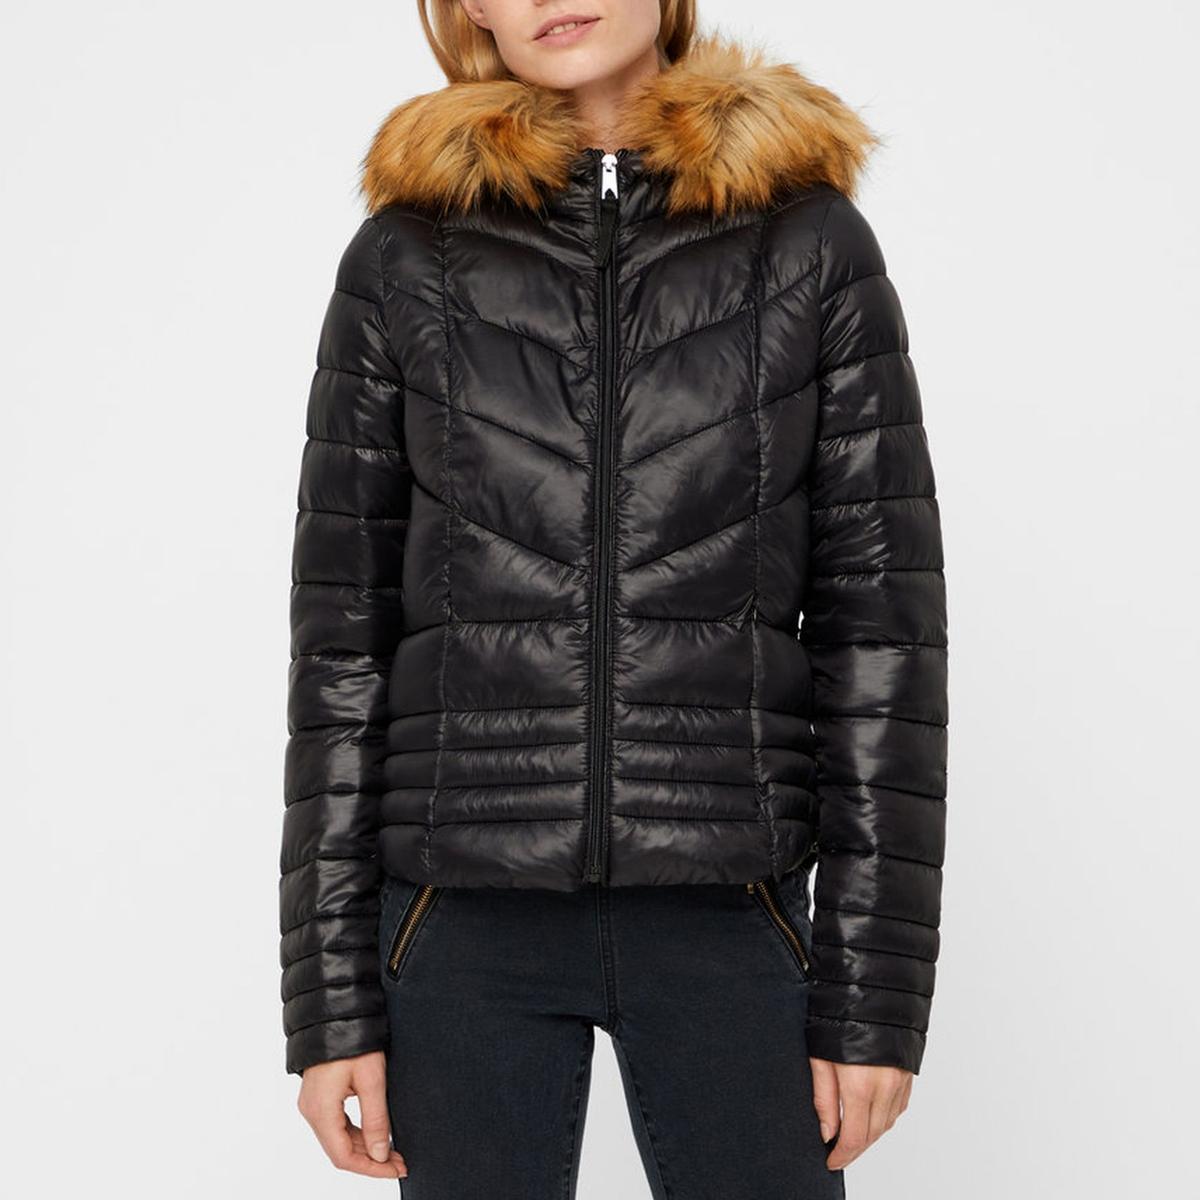 Куртка стеганая с капюшоном из искусственного меха 12storeez шуба укороченная из искусственного меха бежевый